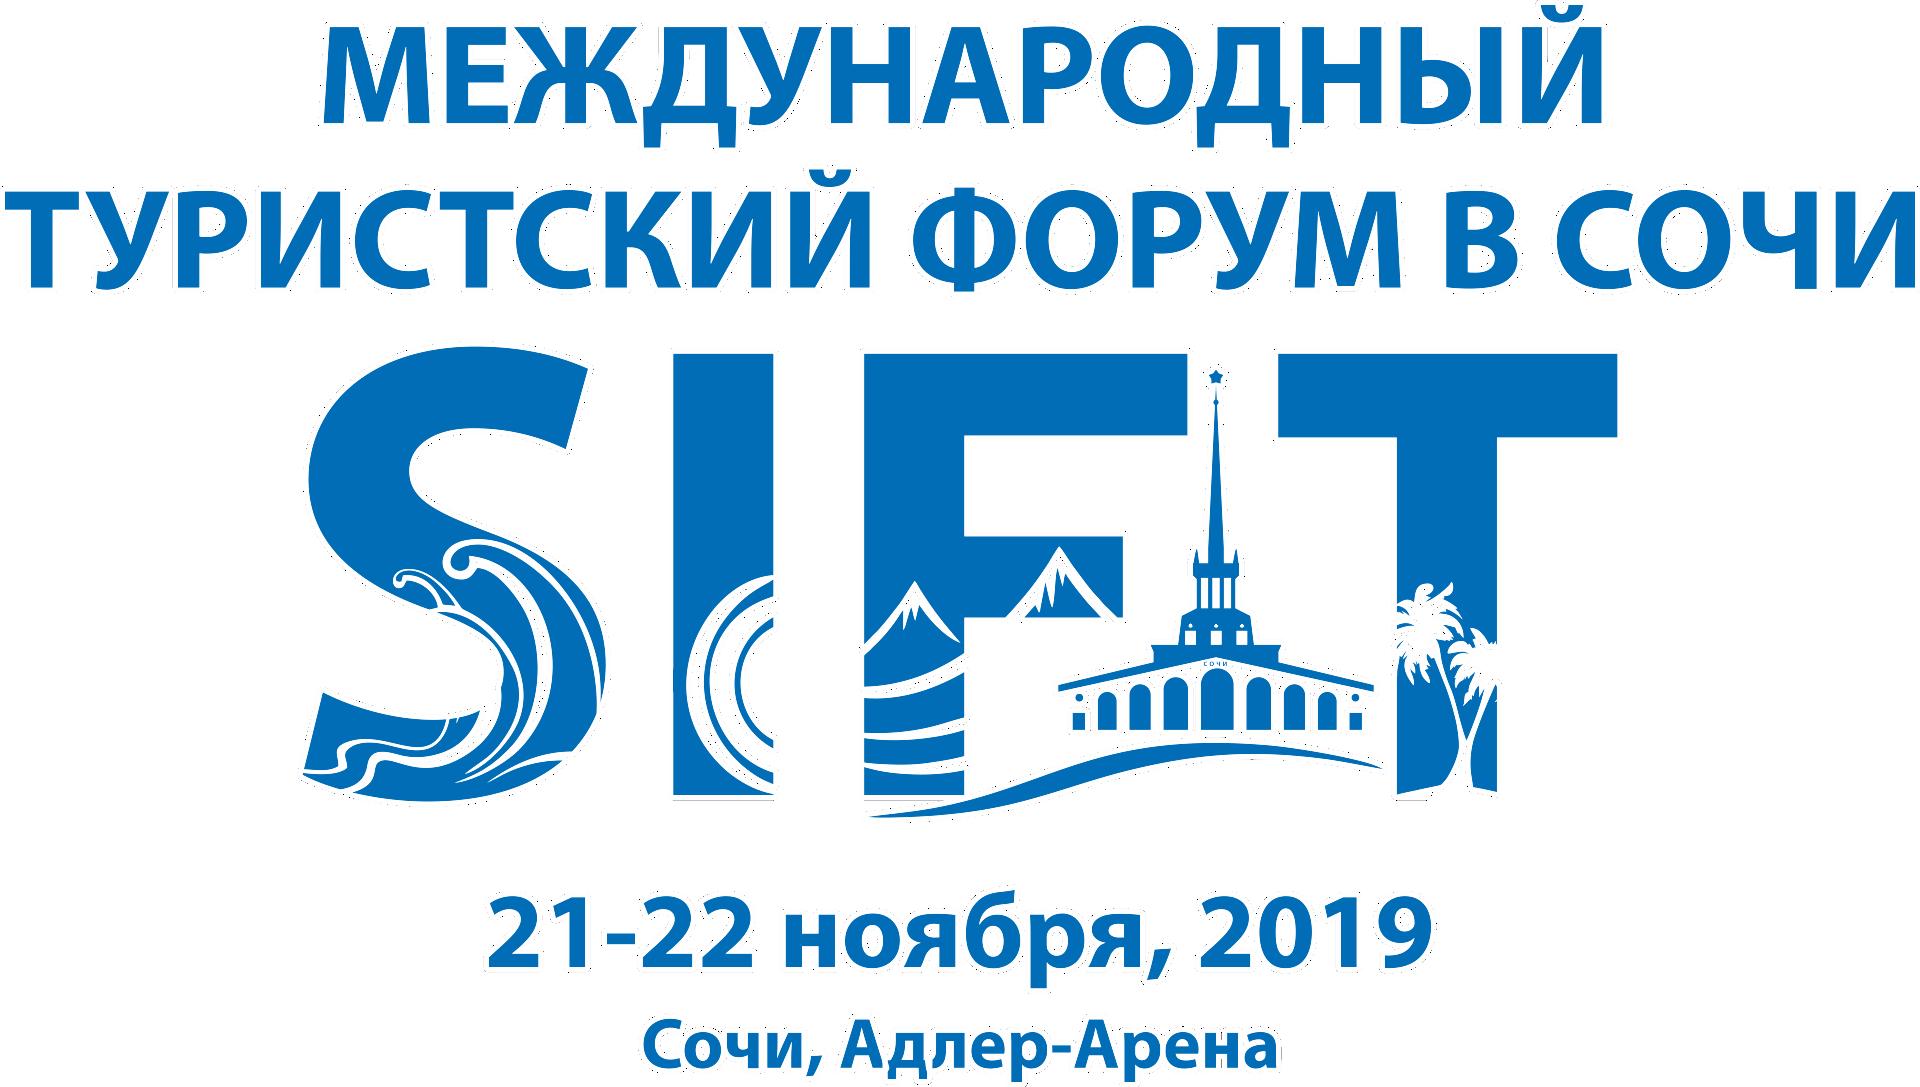 Открыта регистрация посетителей туристского Форума SIFT-2019